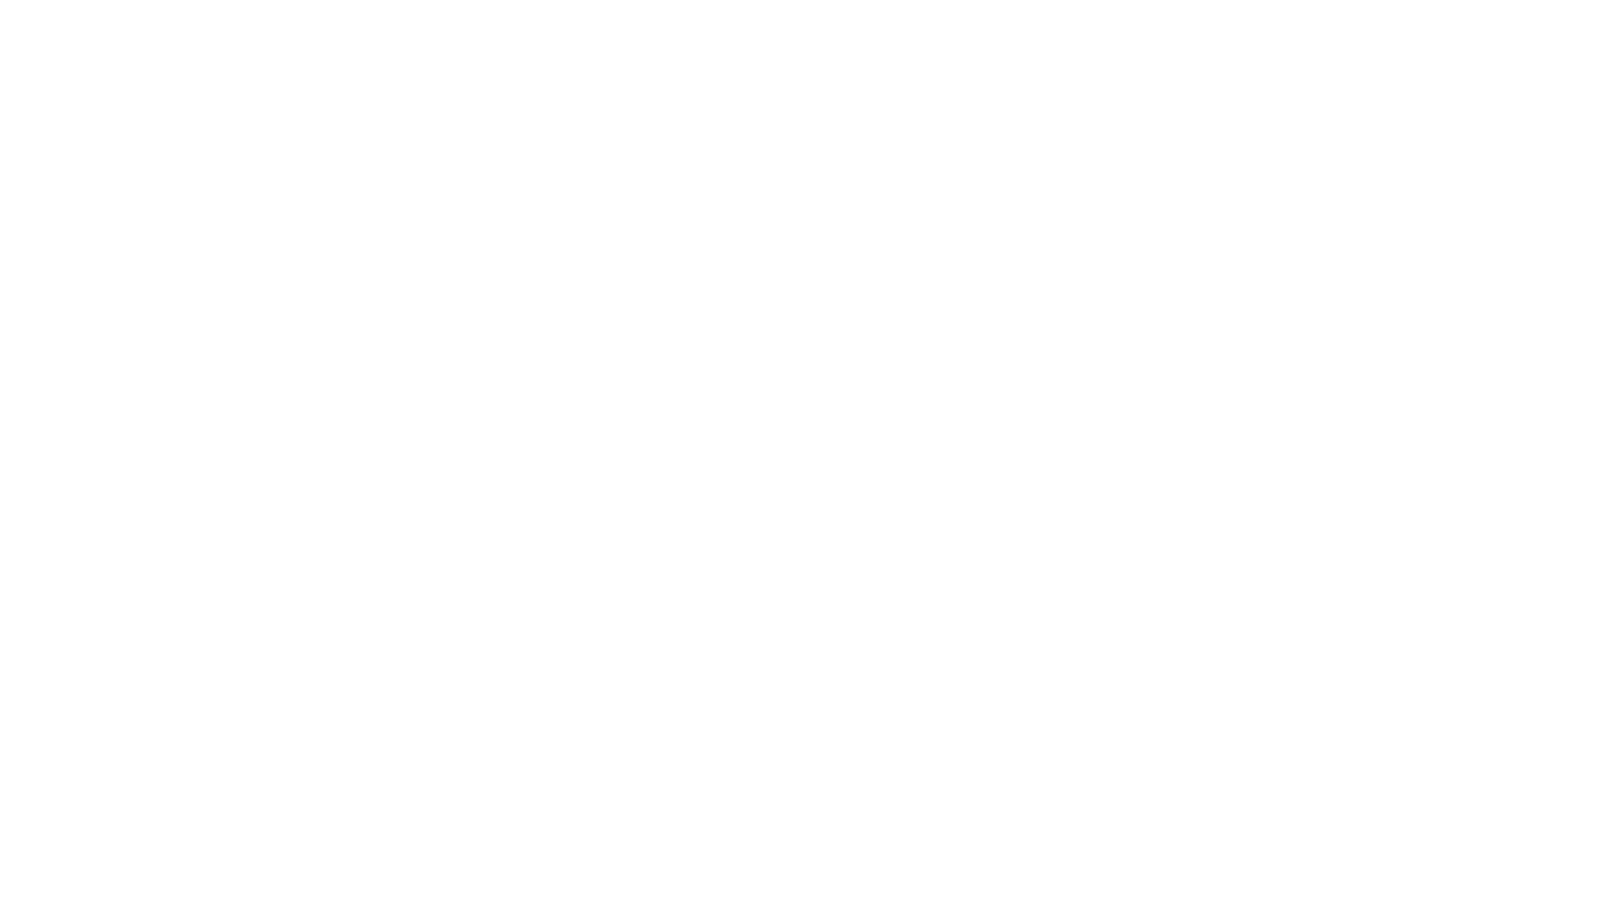 Gole ⚽ z meczu ćwierćfinałowego Świętokrzyskiego Szczebla Pucharu Polski pomiędzy Hetmanem Włoszczowa, a Spartakusem Daleszyce. Spotkanie we Włoszczowie zakończyło się zwycięstwem Hetmana 4-3. Hetman w półfinale rozgrywek, więcej na https://www.ligowy.pl/hetman-wloszczowa-spartakus-daleszyce 💪  👉 Jeśli chcesz być na bieżąco ze zmaganiami lokalnych drużyn zachęcam Cię do darmowej subskrypcji Naszego kanału: 👉 https://www.youtube.com/channel/UCi9kRgDxOK_dXj31ujtoXLQ?sub_confirmation=1 👍 Zapraszamy na kolejne relacje z meczów piłkarskich niższych lig #ligowypl